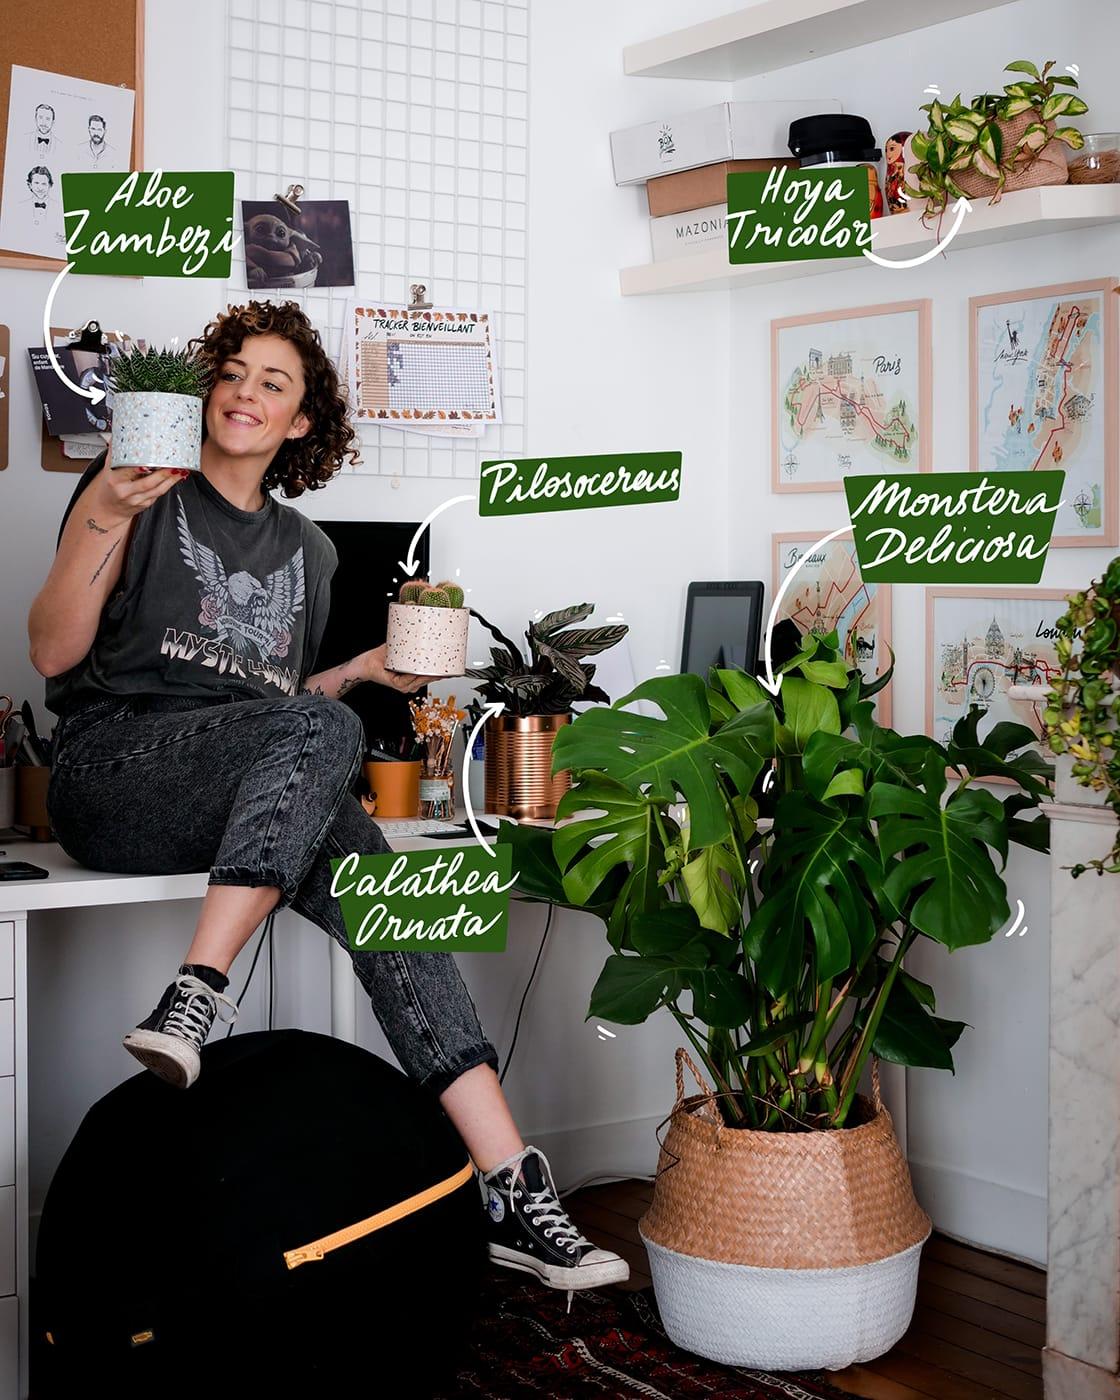 Livraison de fleurs et plantes avec Bergamotte à Bordeaux - Tribu Télétravail - Montera, décoration d'intérieur, avis